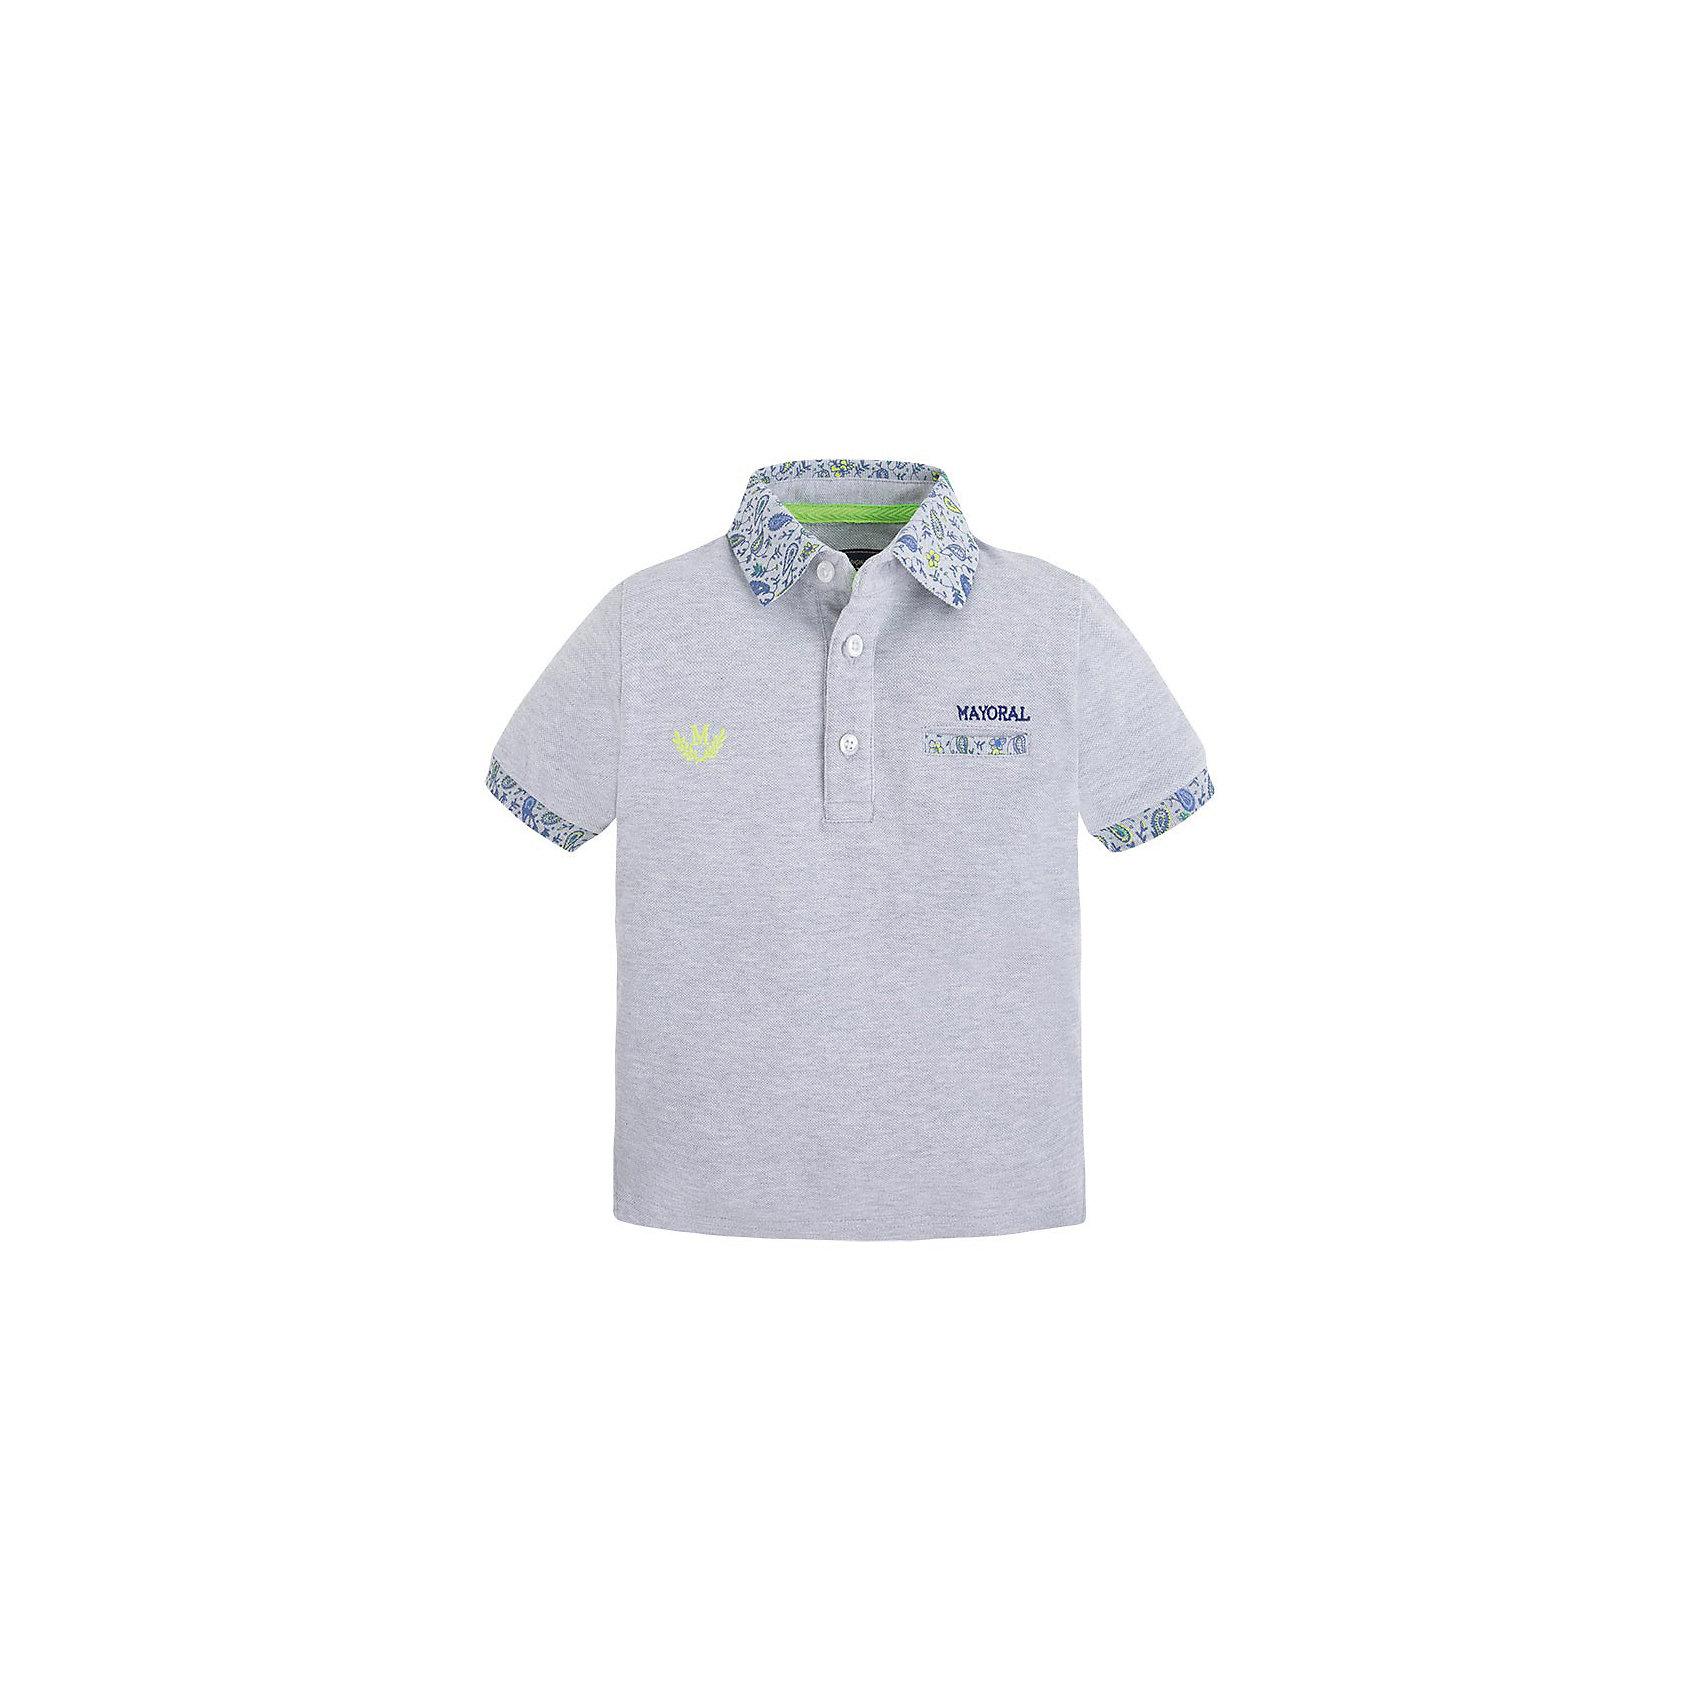 Футболка-поло для мальчика MayoralРубашка-поло для мальчика от известной испанской марки Mayoral <br><br>Стильная рубашка от Mayoral смотрится отлично и с джинсами и с брюками.  Модель выполнена из качественных материалов, хорошо сидит по фигуре. Модная и универсальная вещь.<br><br>Особенности модели:<br><br>- цвет: серый;<br>- рукава короткие;<br>- контрастная отделка ворота и рукавов;<br>- украшена вышивкой;<br>- натуральный материал.<br><br>Дополнительная информация:<br><br>Состав: 100% хлопок<br><br>Рубашку-поло для мальчика Mayoral (Майорал) можно купить в нашем магазине.<br><br>Ширина мм: 199<br>Глубина мм: 10<br>Высота мм: 161<br>Вес г: 151<br>Цвет: серый<br>Возраст от месяцев: 36<br>Возраст до месяцев: 48<br>Пол: Мужской<br>Возраст: Детский<br>Размер: 110,98,128,134,116,104,122<br>SKU: 4541727